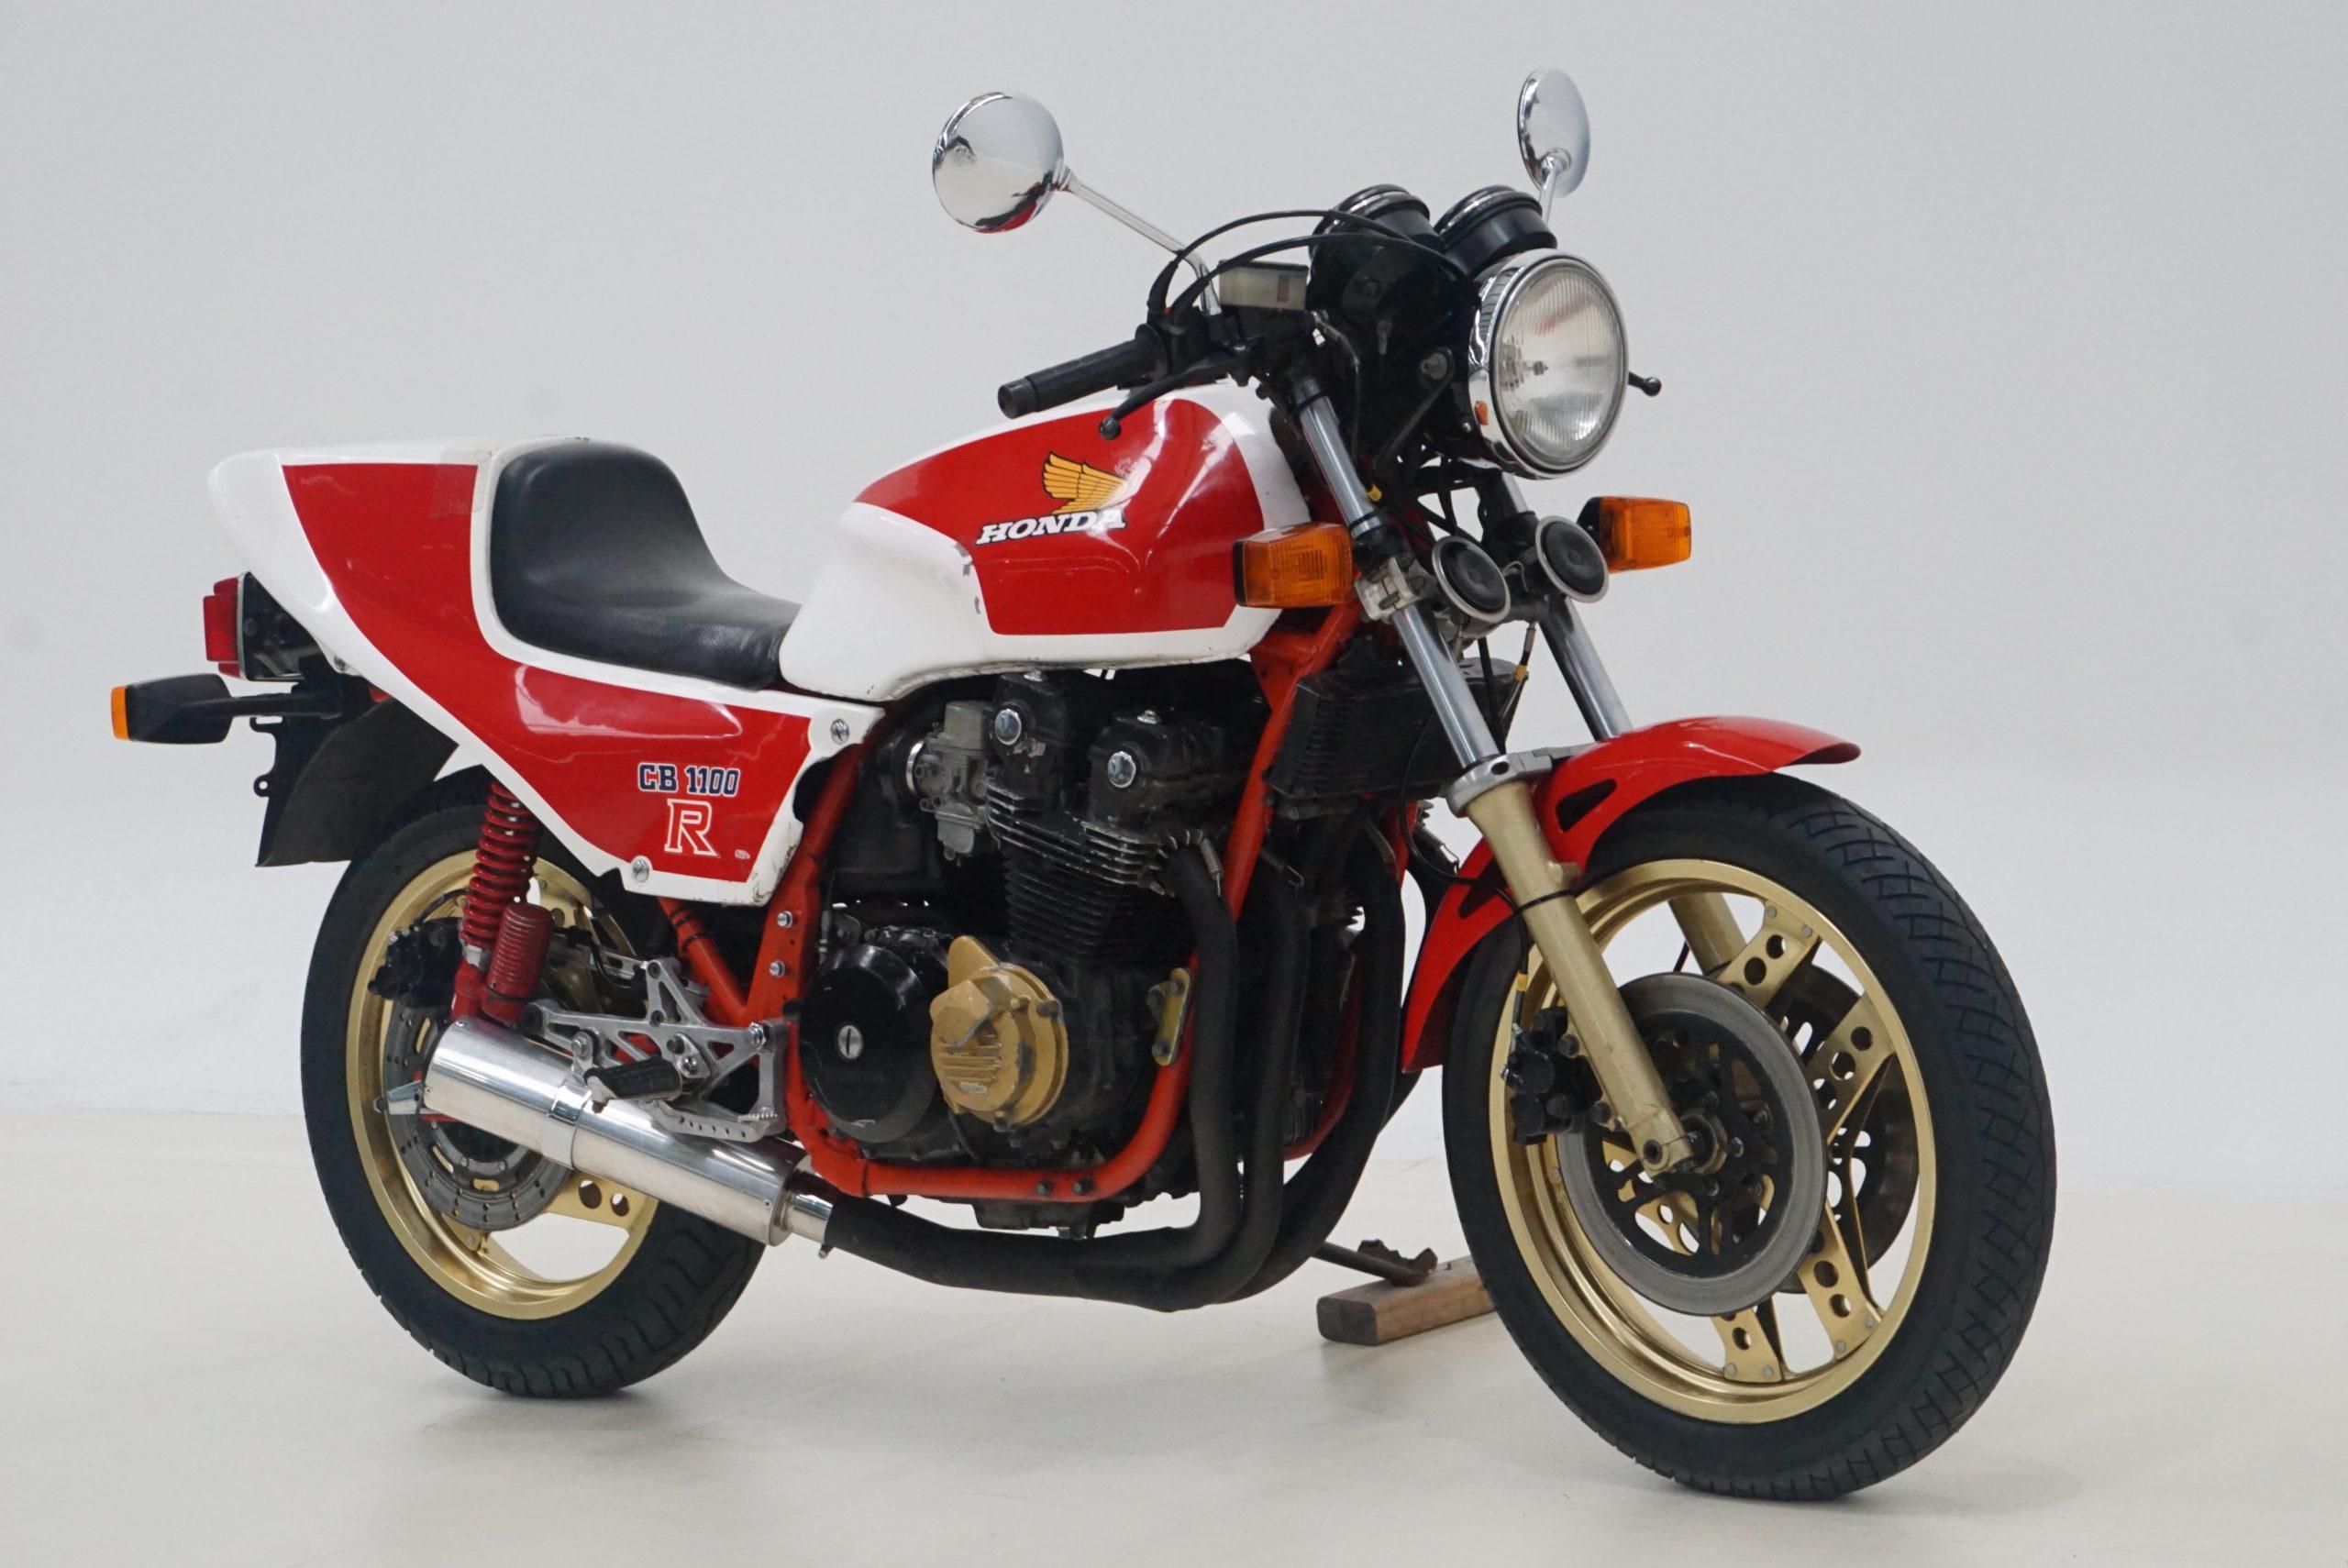 1980 Honda CB1100RB